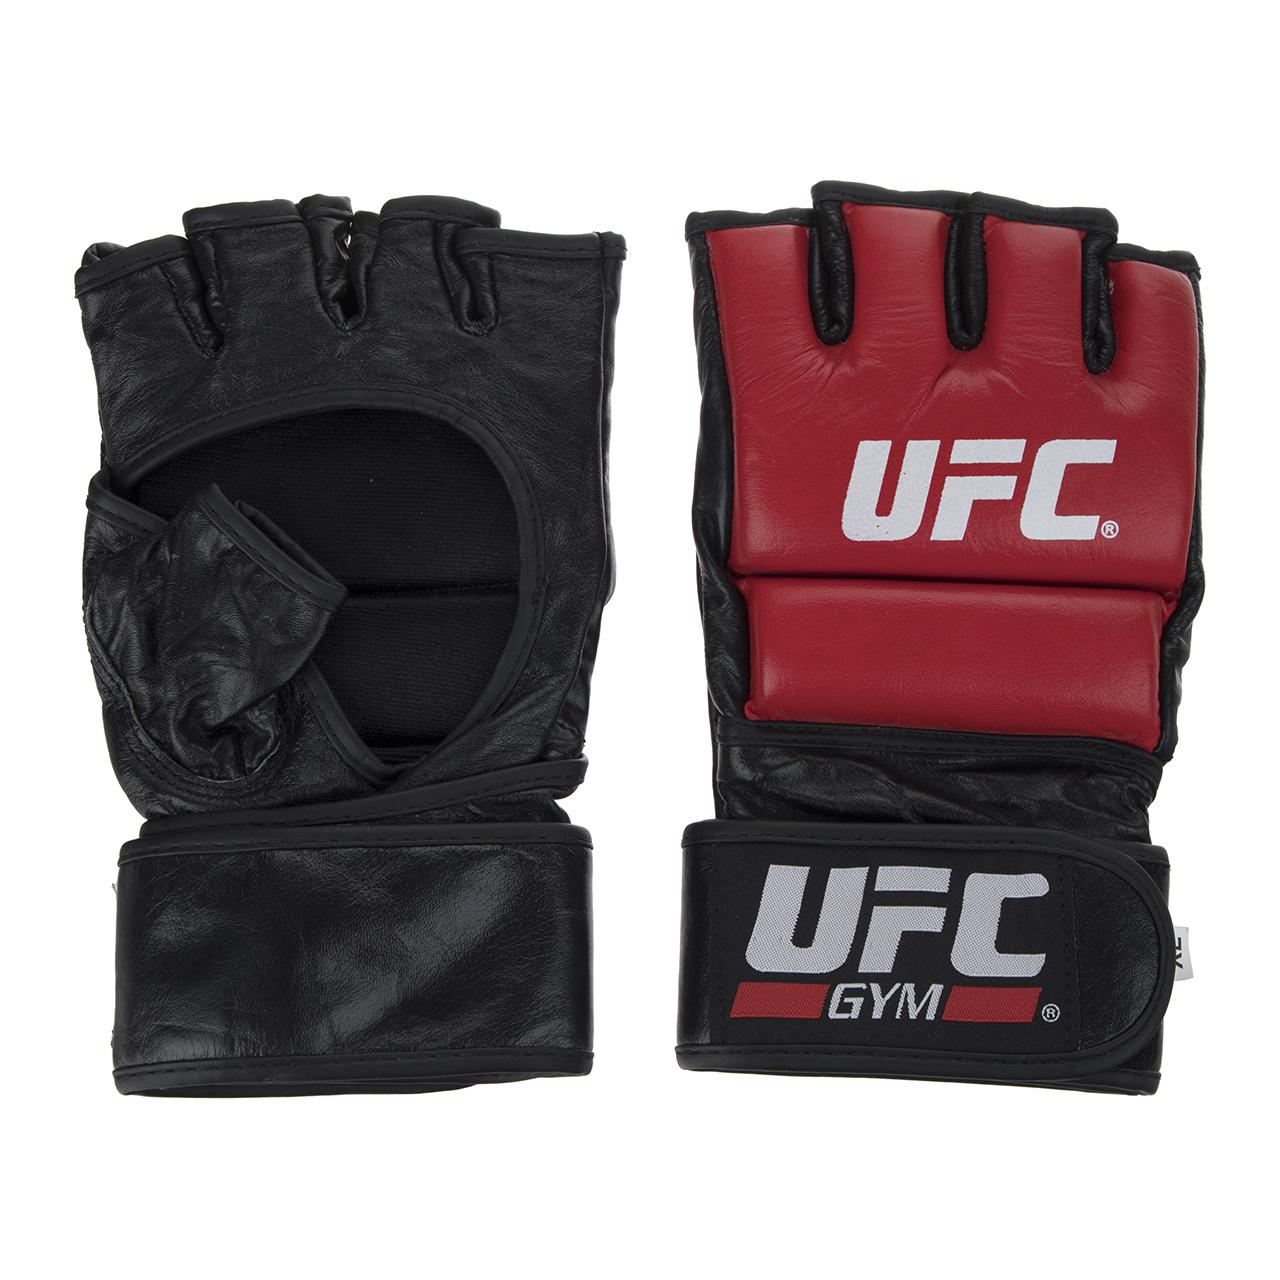 دستکش UFC مدل Gym سایز XLarge